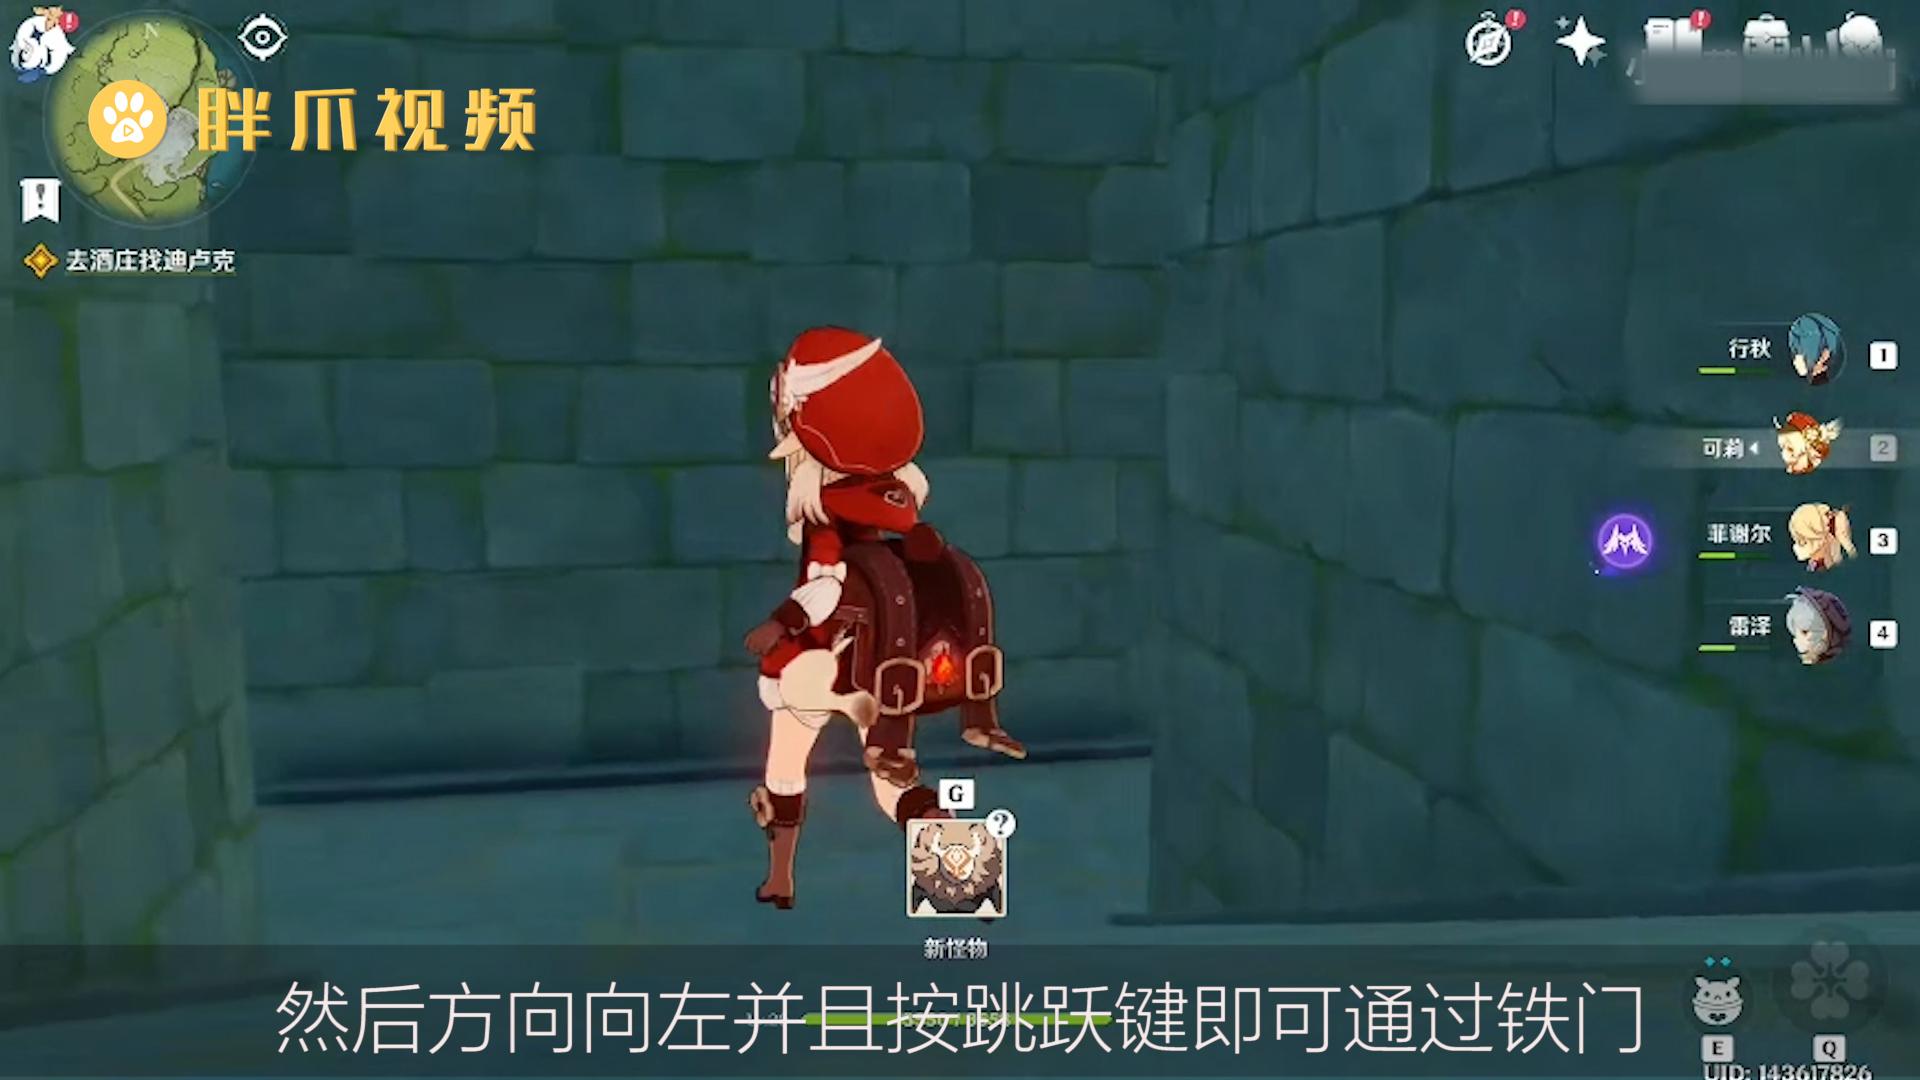 原神千风神殿地下室怎么进(2)